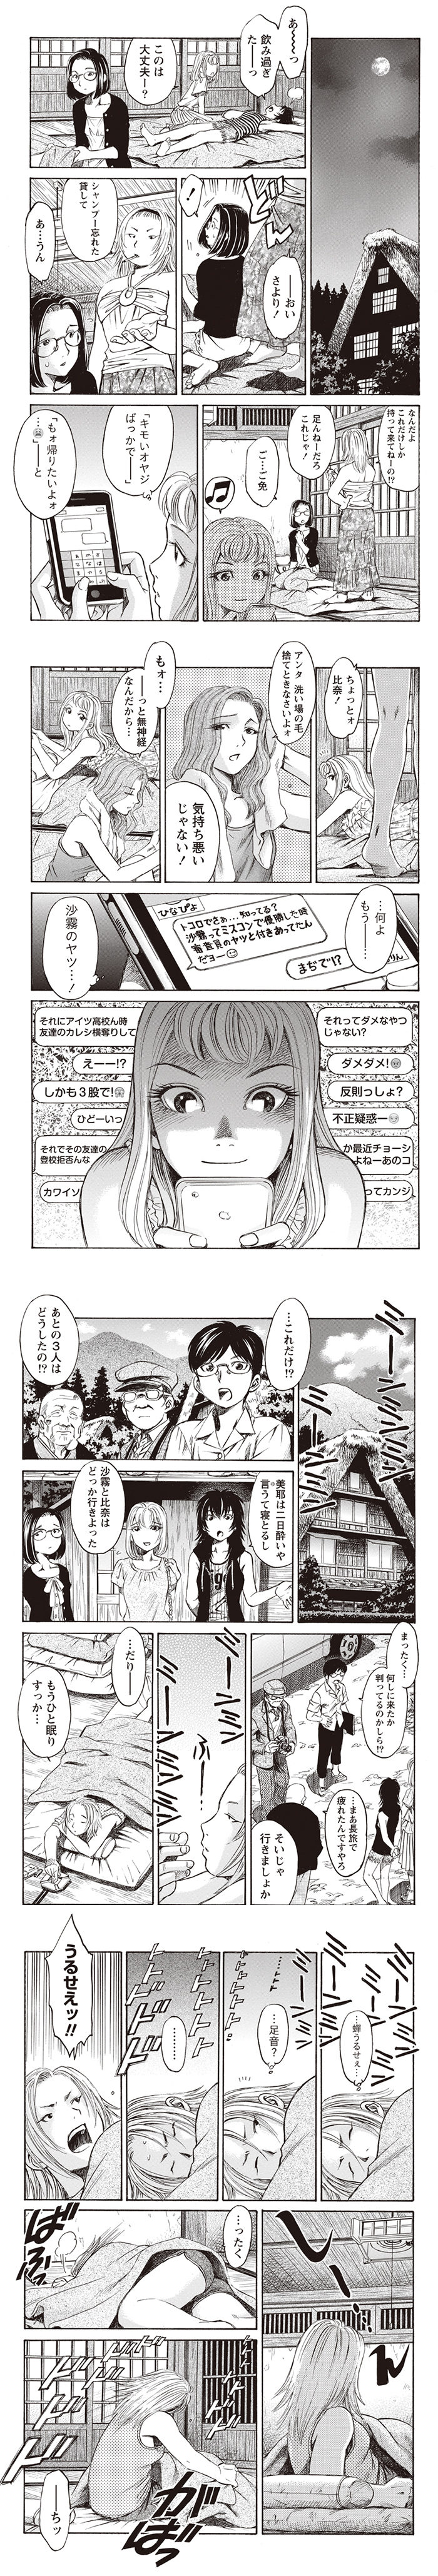 shisyu1-6